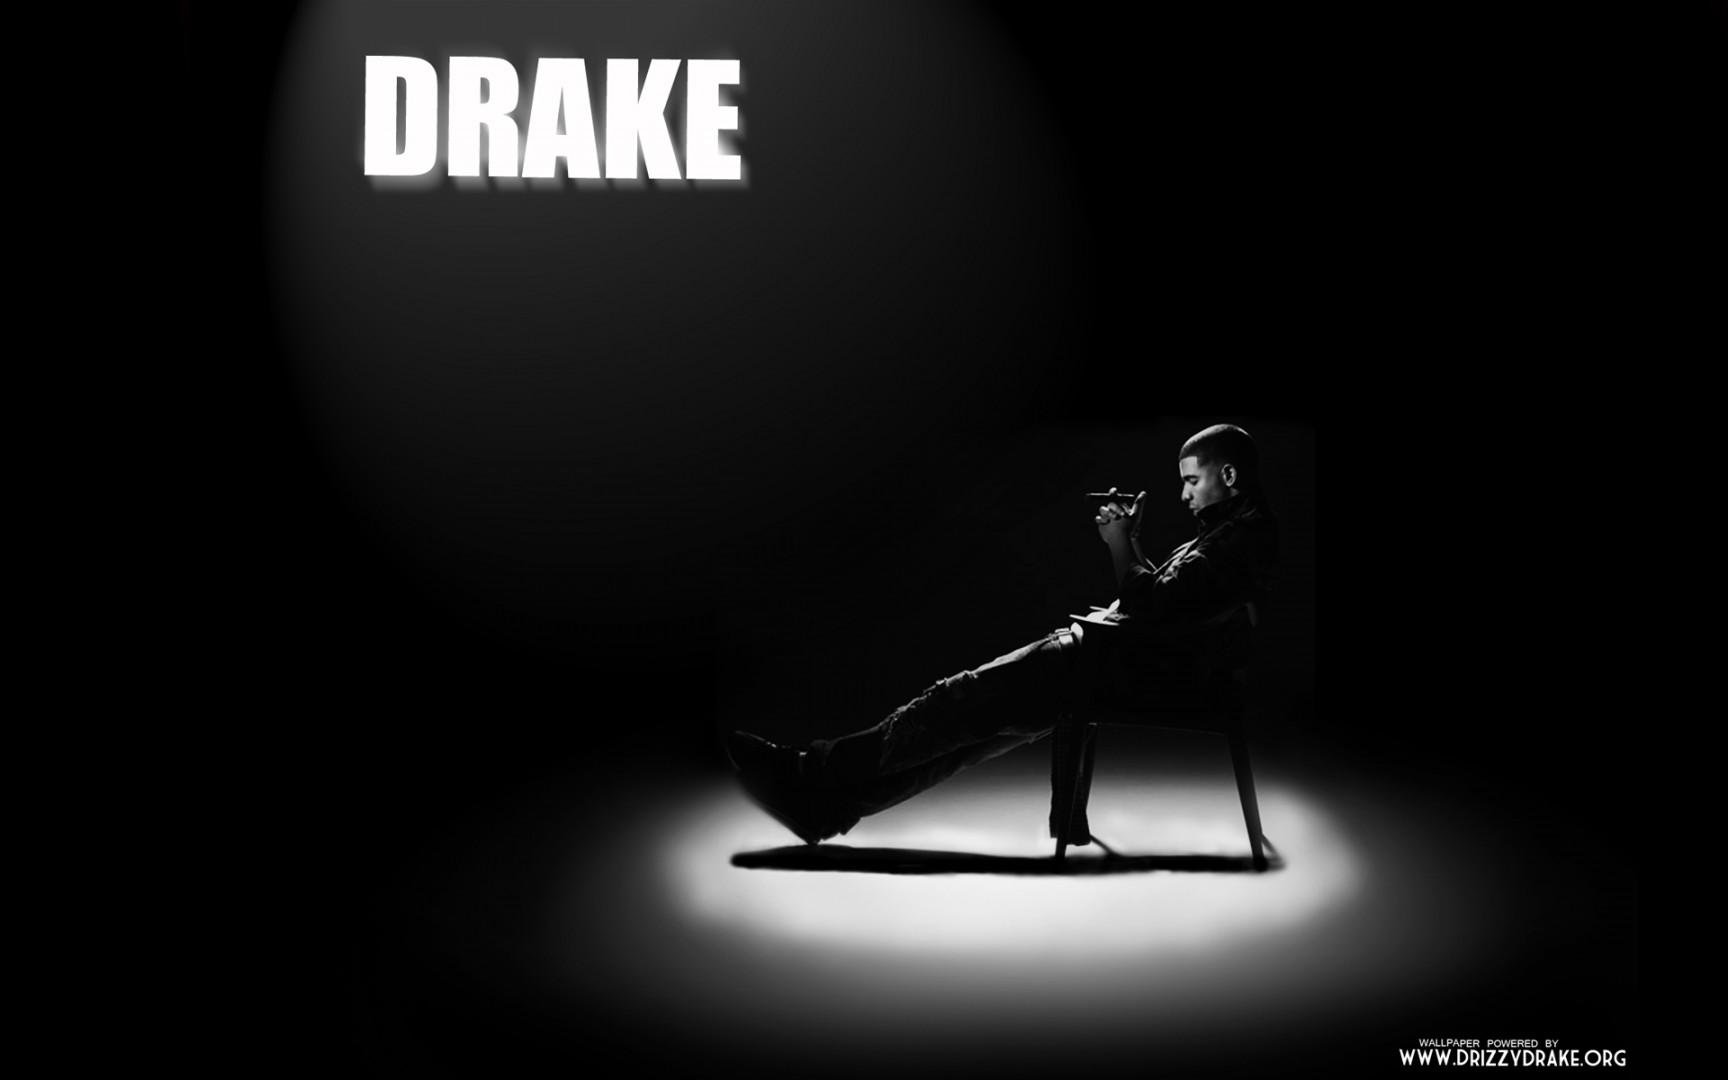 Drake iphone wallpaper wallpapersafari - Drake views wallpaper ...